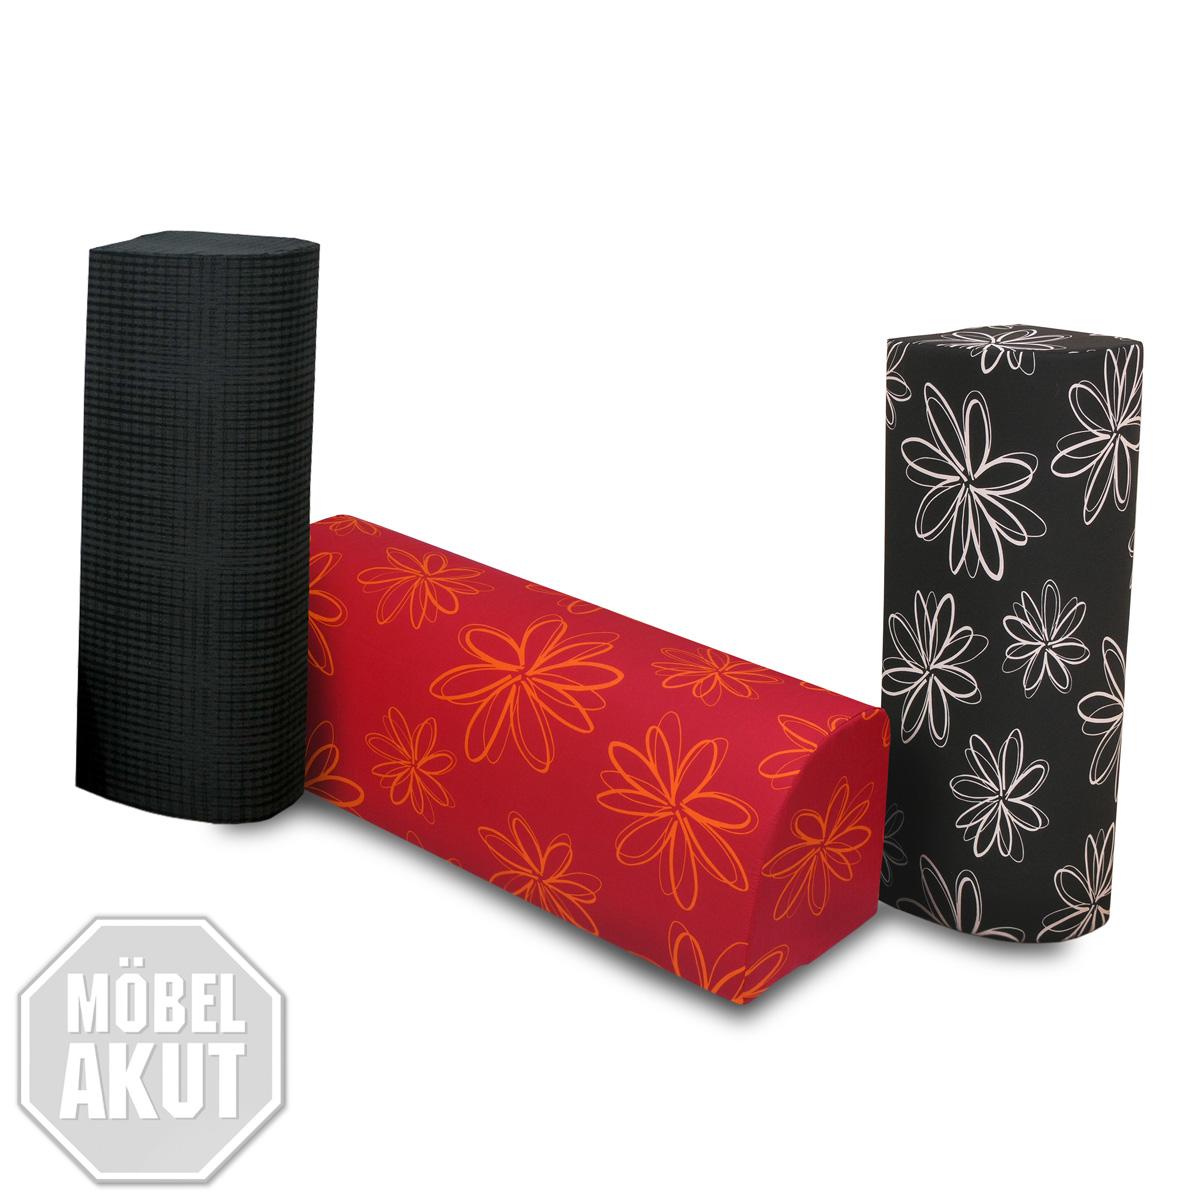 r ckenkissen 2er set chilly umbaukissen kissen rot schwarz anthrazit farbausw ebay. Black Bedroom Furniture Sets. Home Design Ideas